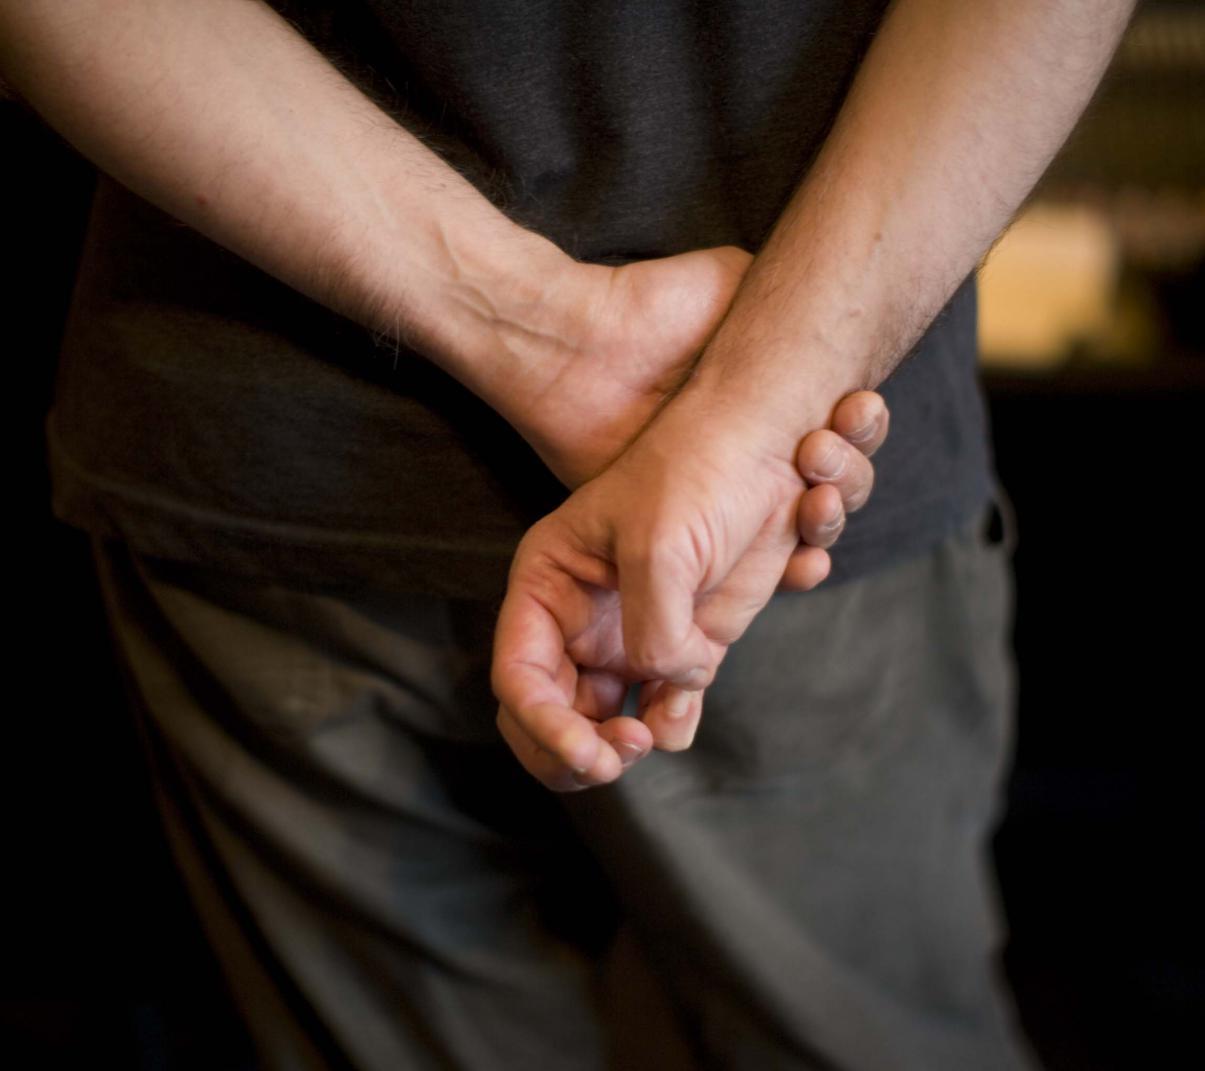 ruce Jaromíra Honzáka (photo Adam Holý)